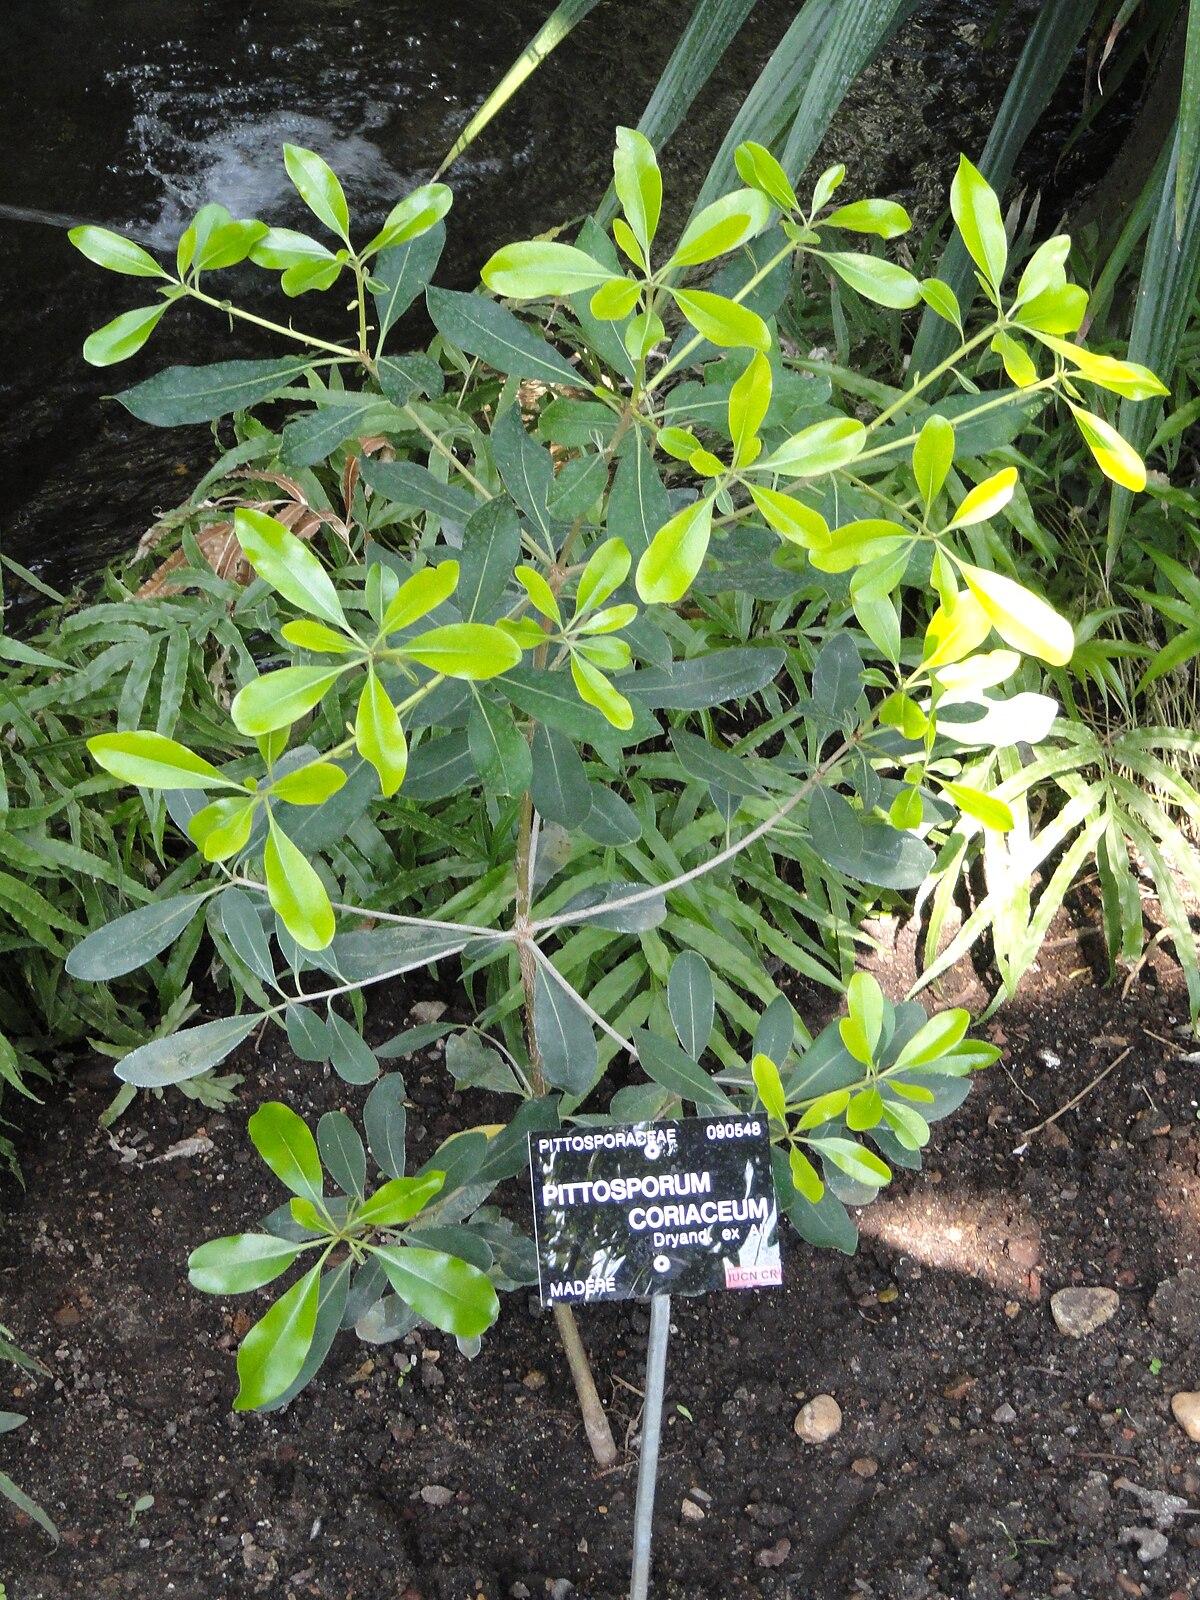 Pittosporum coriaceum wikidata for Jardin botanique de conception